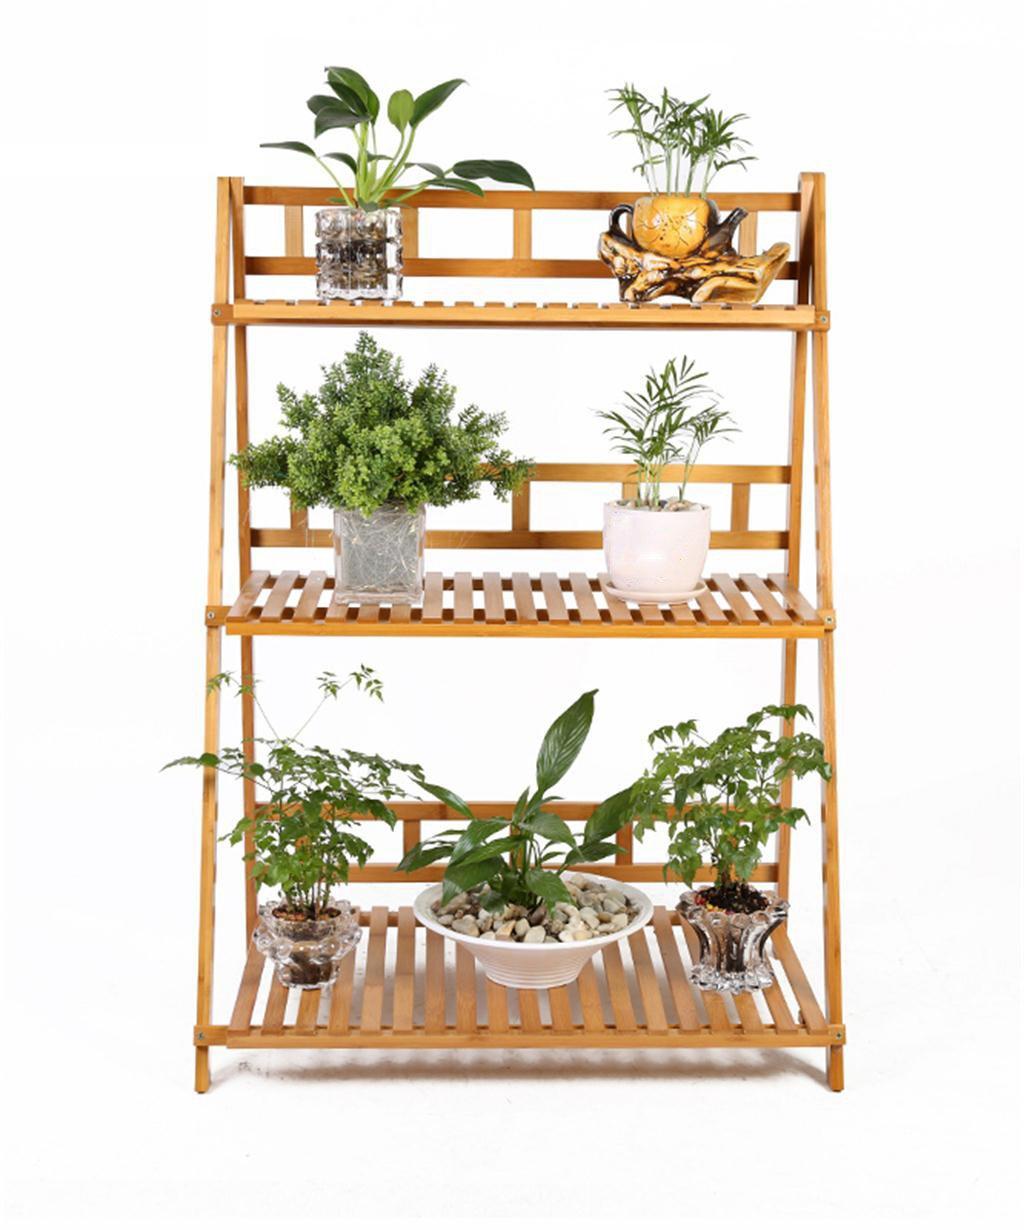 LB huajia ZHANWEI Bambus Blumentopf Regal Massivholz 3-lagig Blumenständer Wohnzimmer Einfache Boden Pflanze Stand 90 * 41 * 95cm